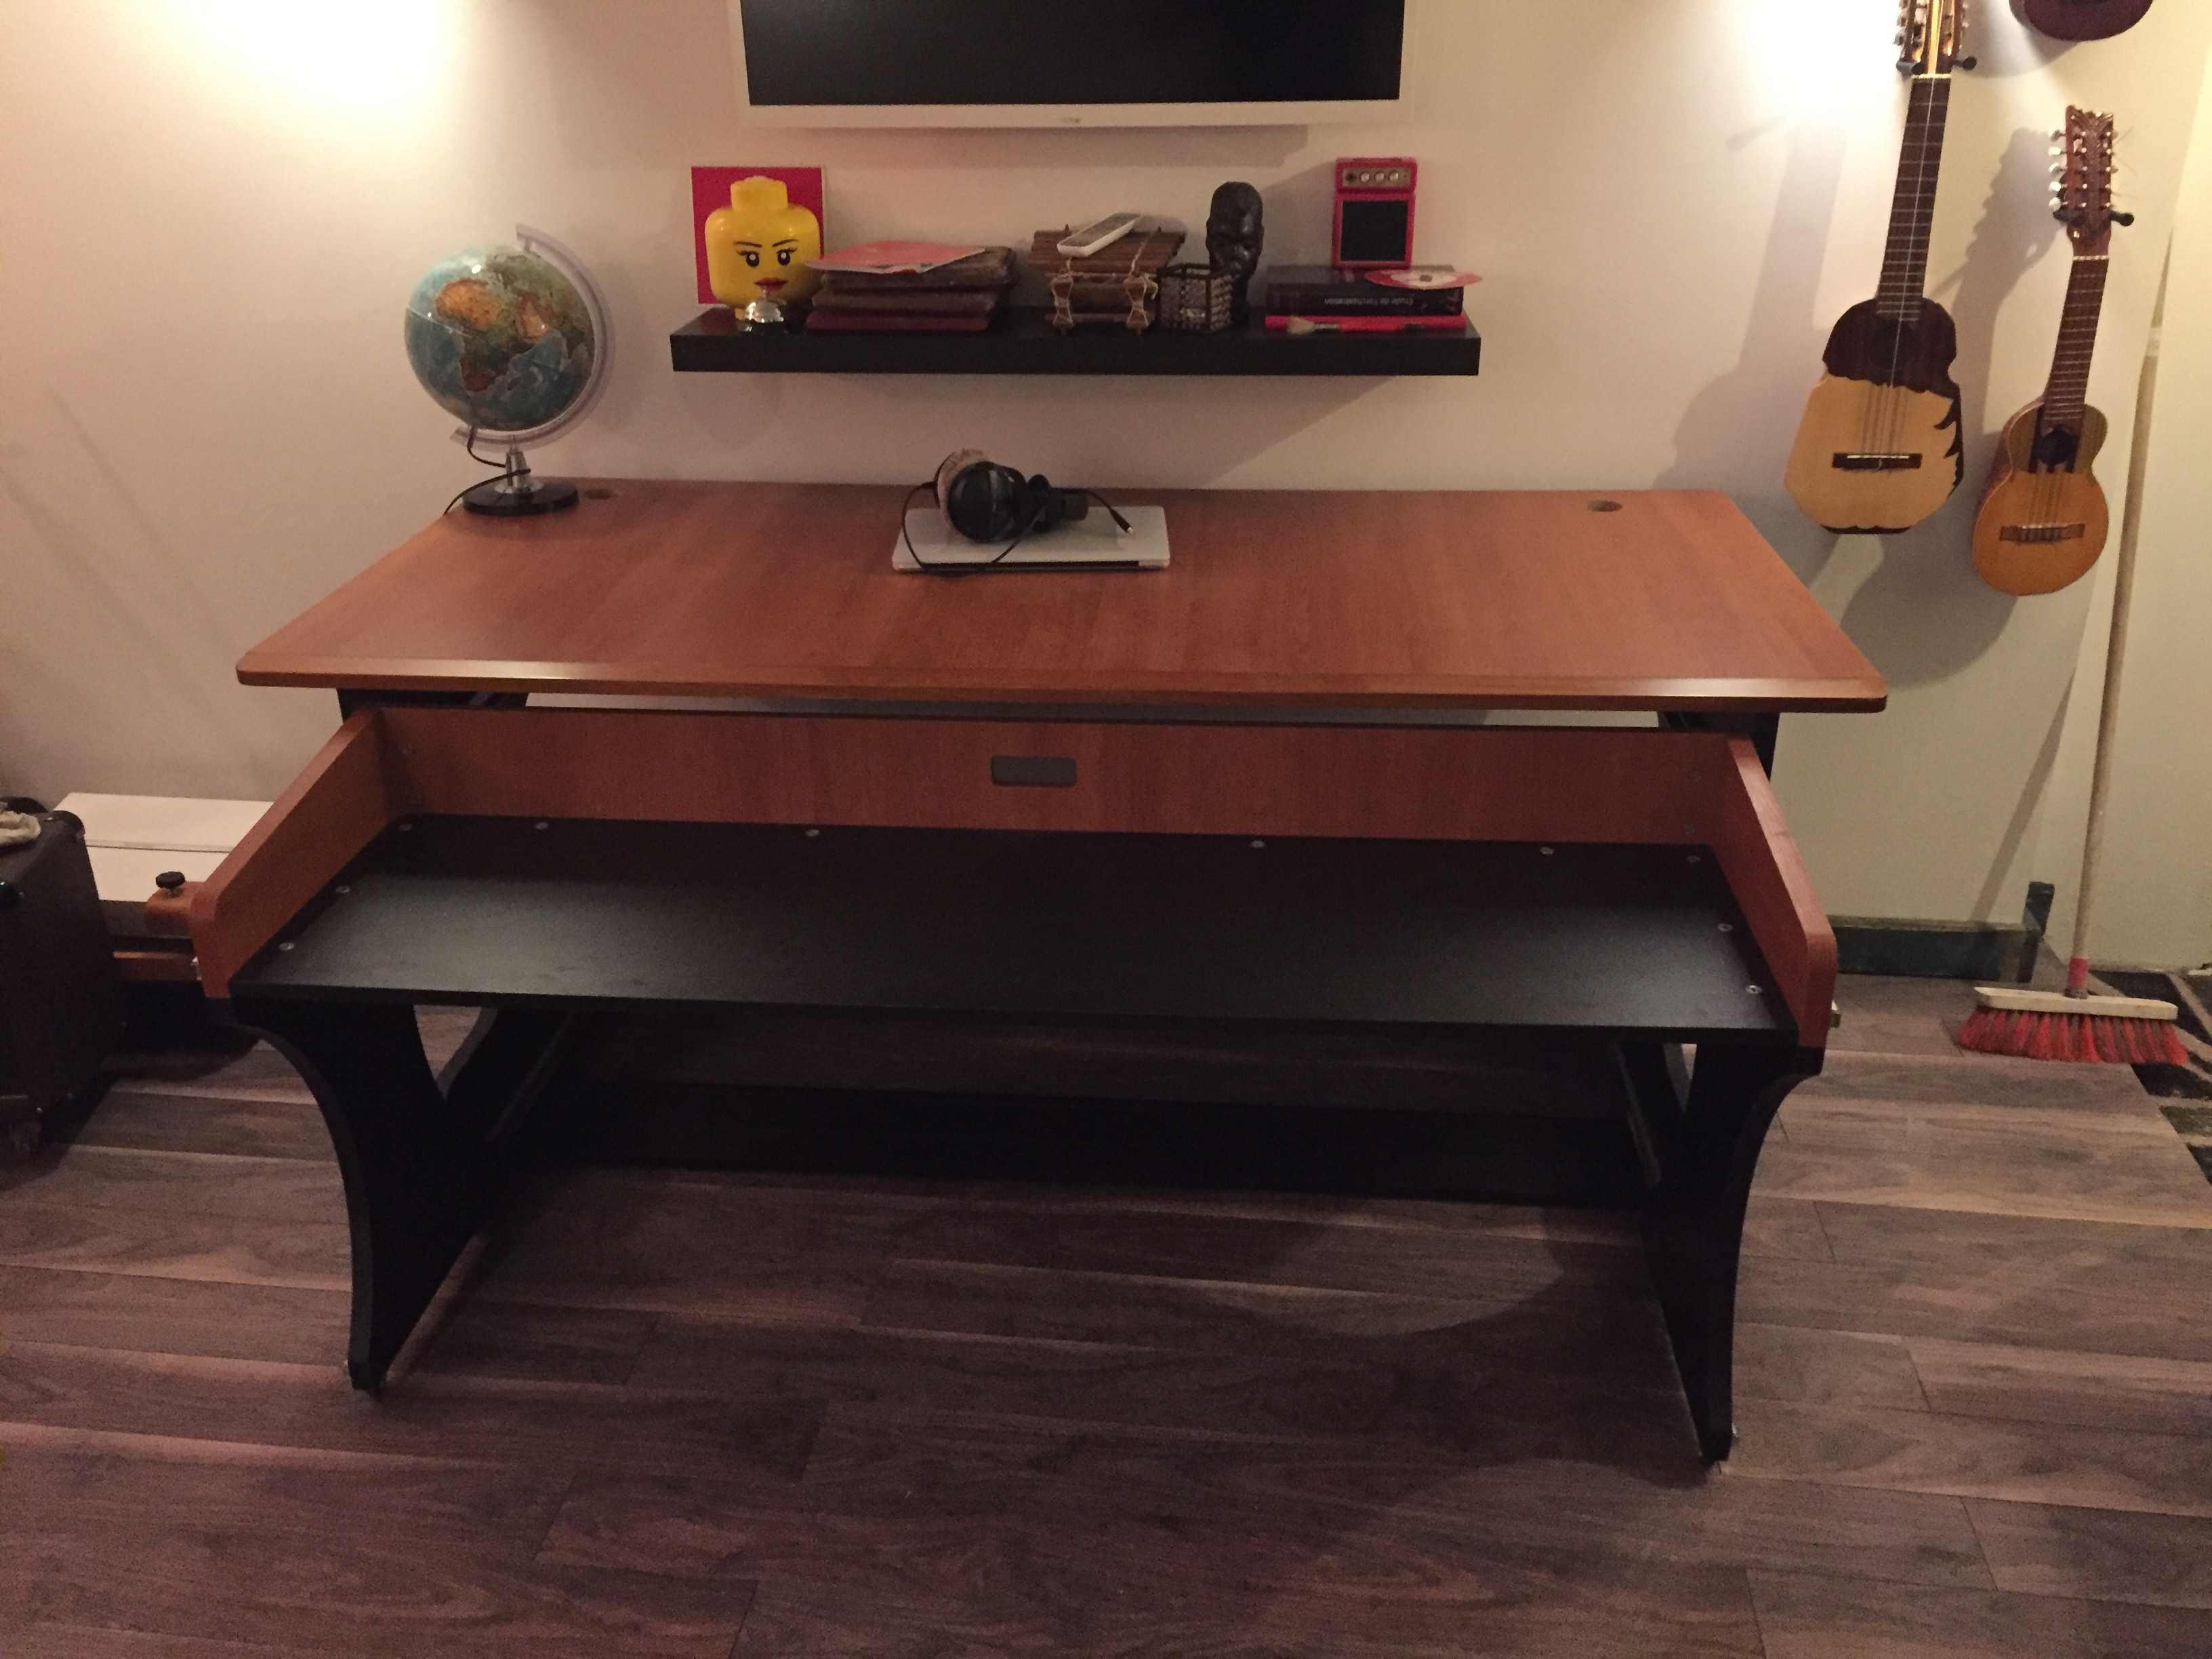 miza z zaor miza z audiofanzine On bureau zaor